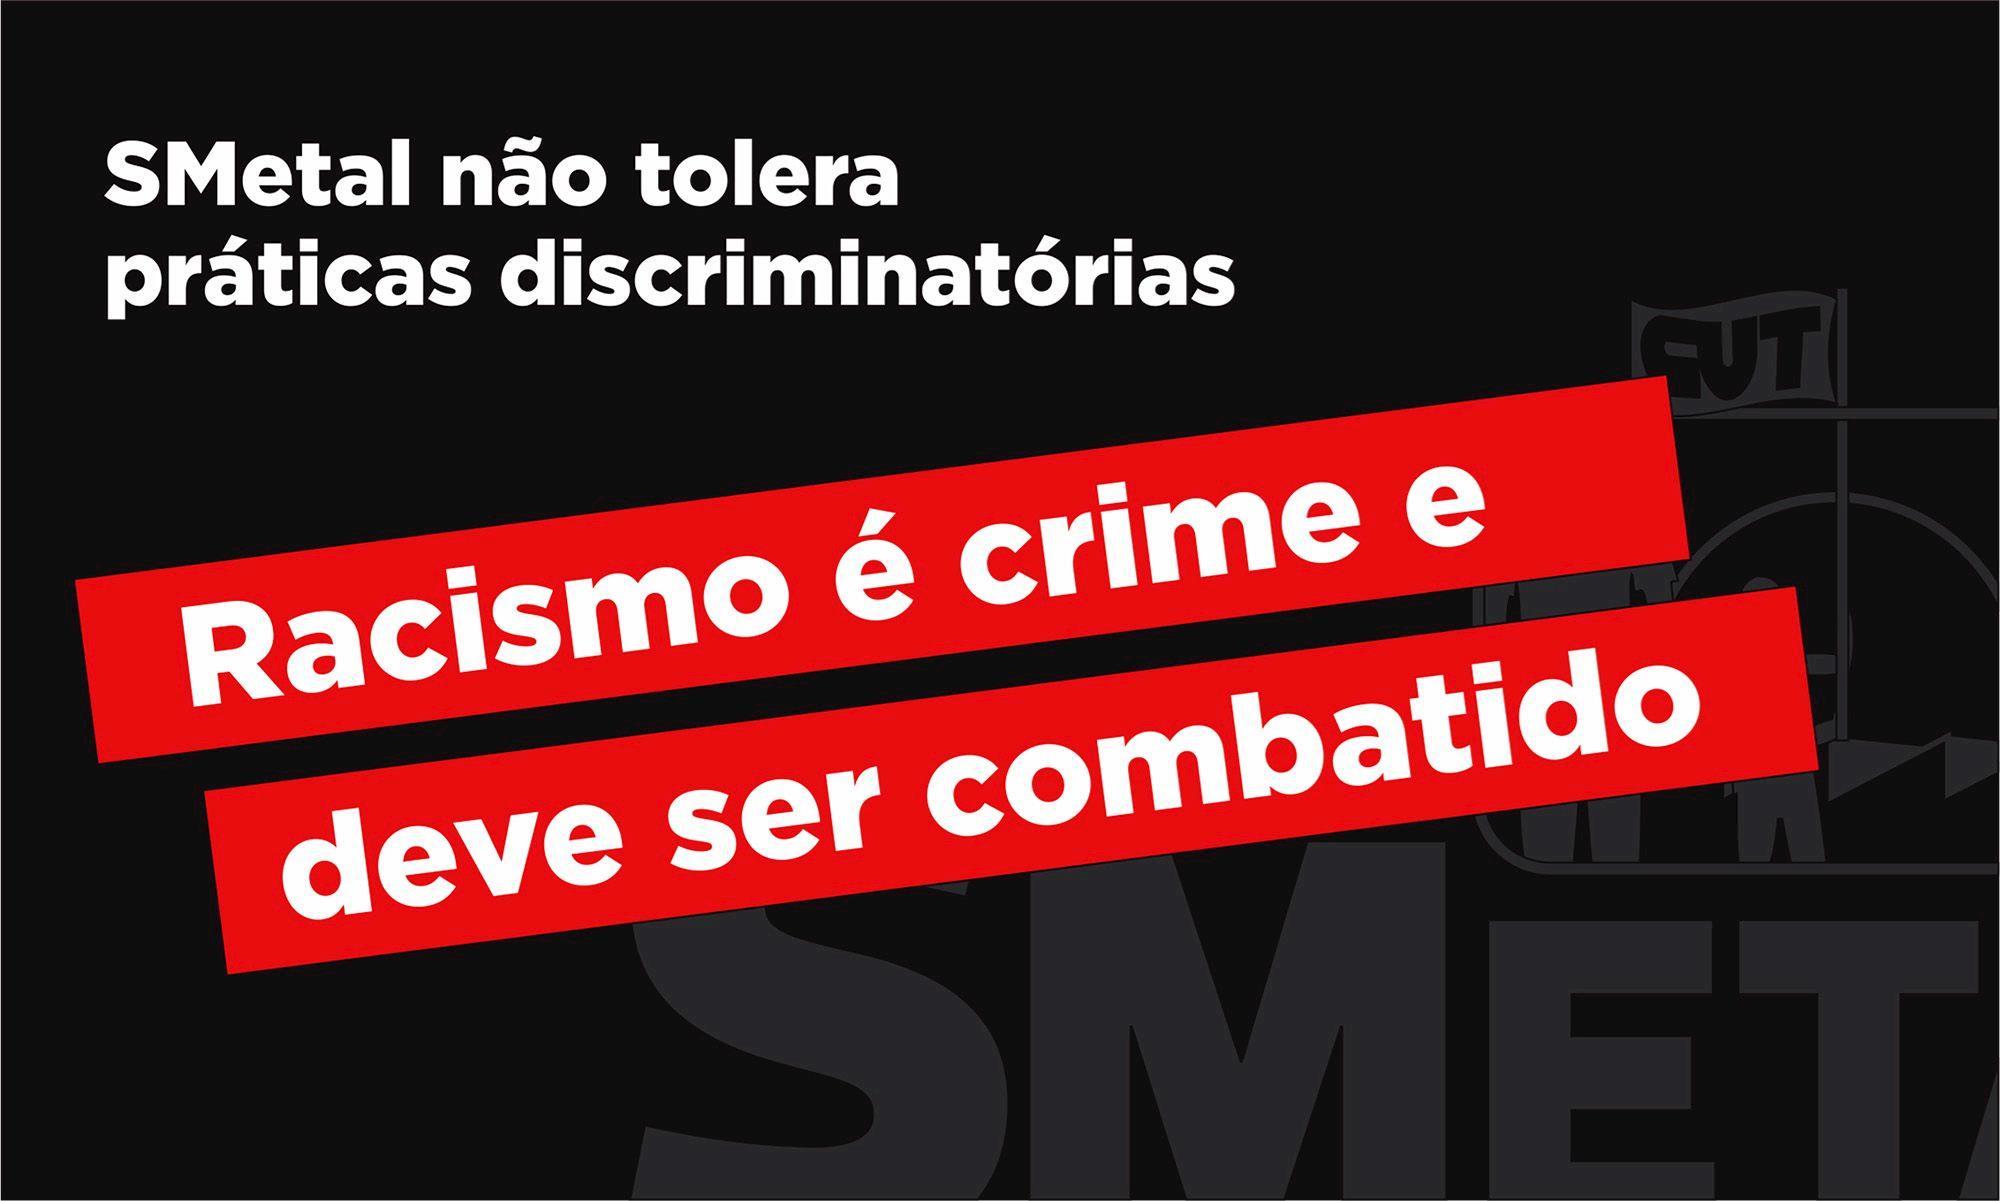 assédio, racismo, preconceito, discriminação, editorial, Divulgação